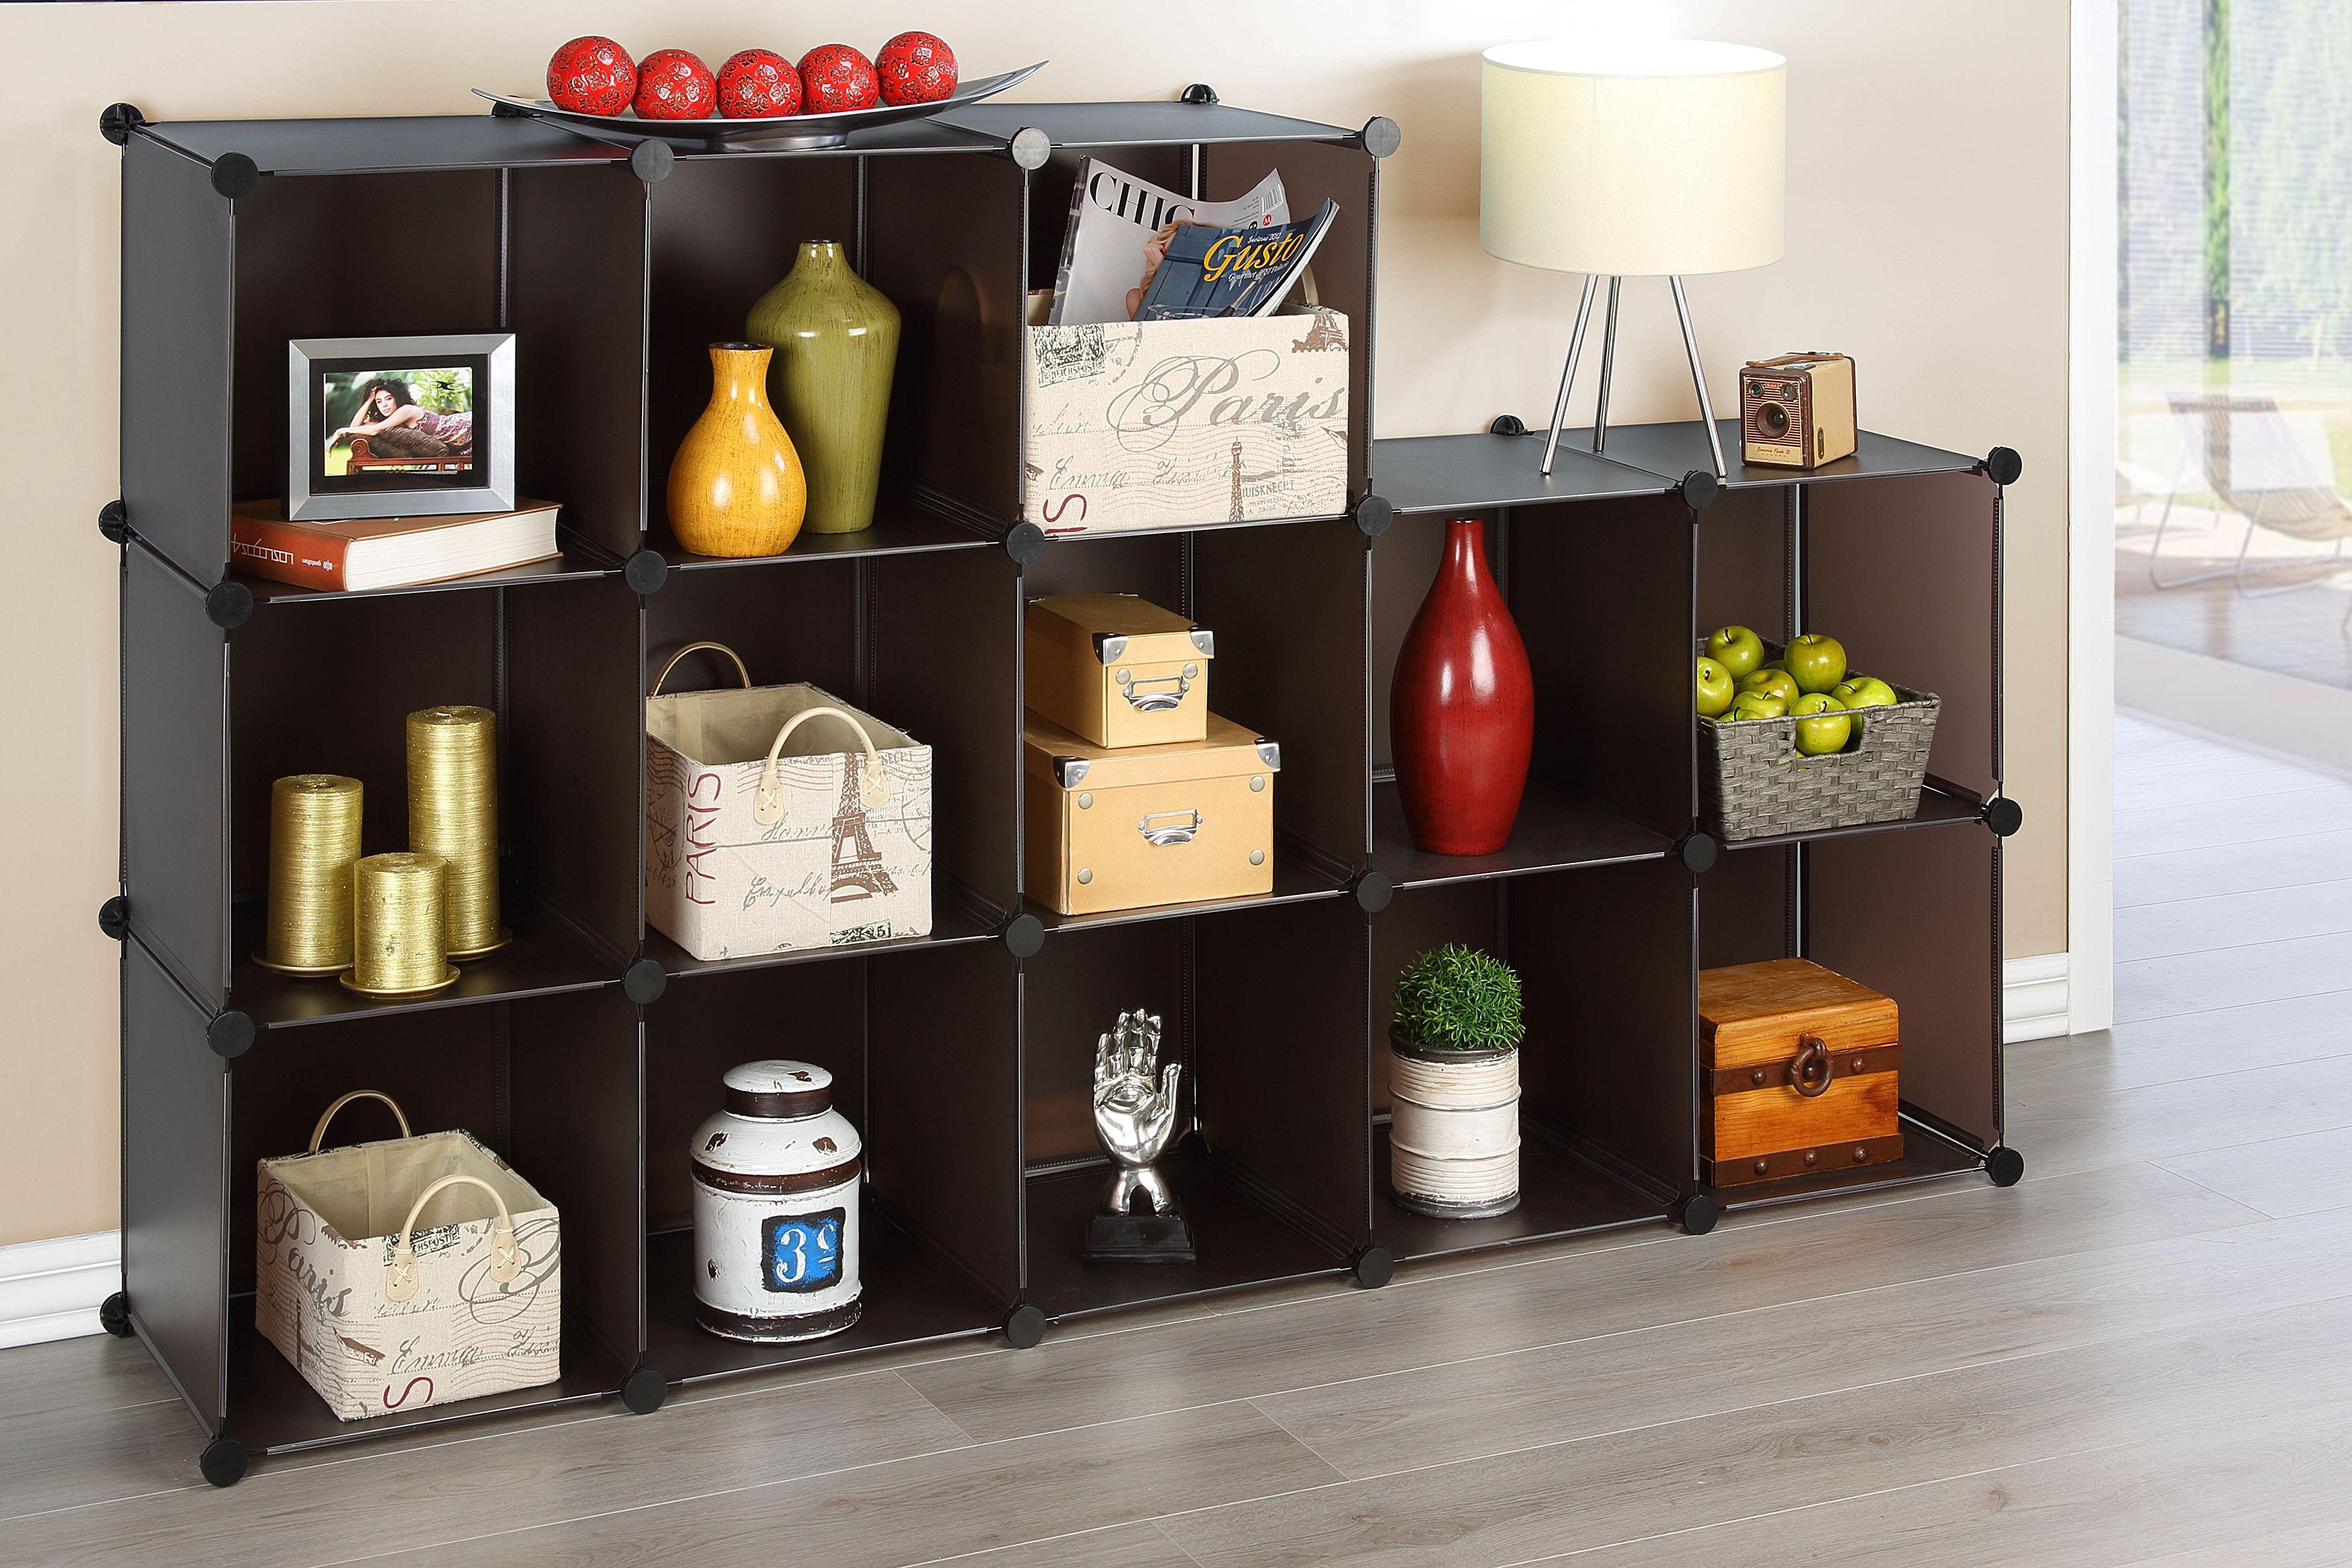 Con los cubos modulares puedes organizar mejor tu hogar.